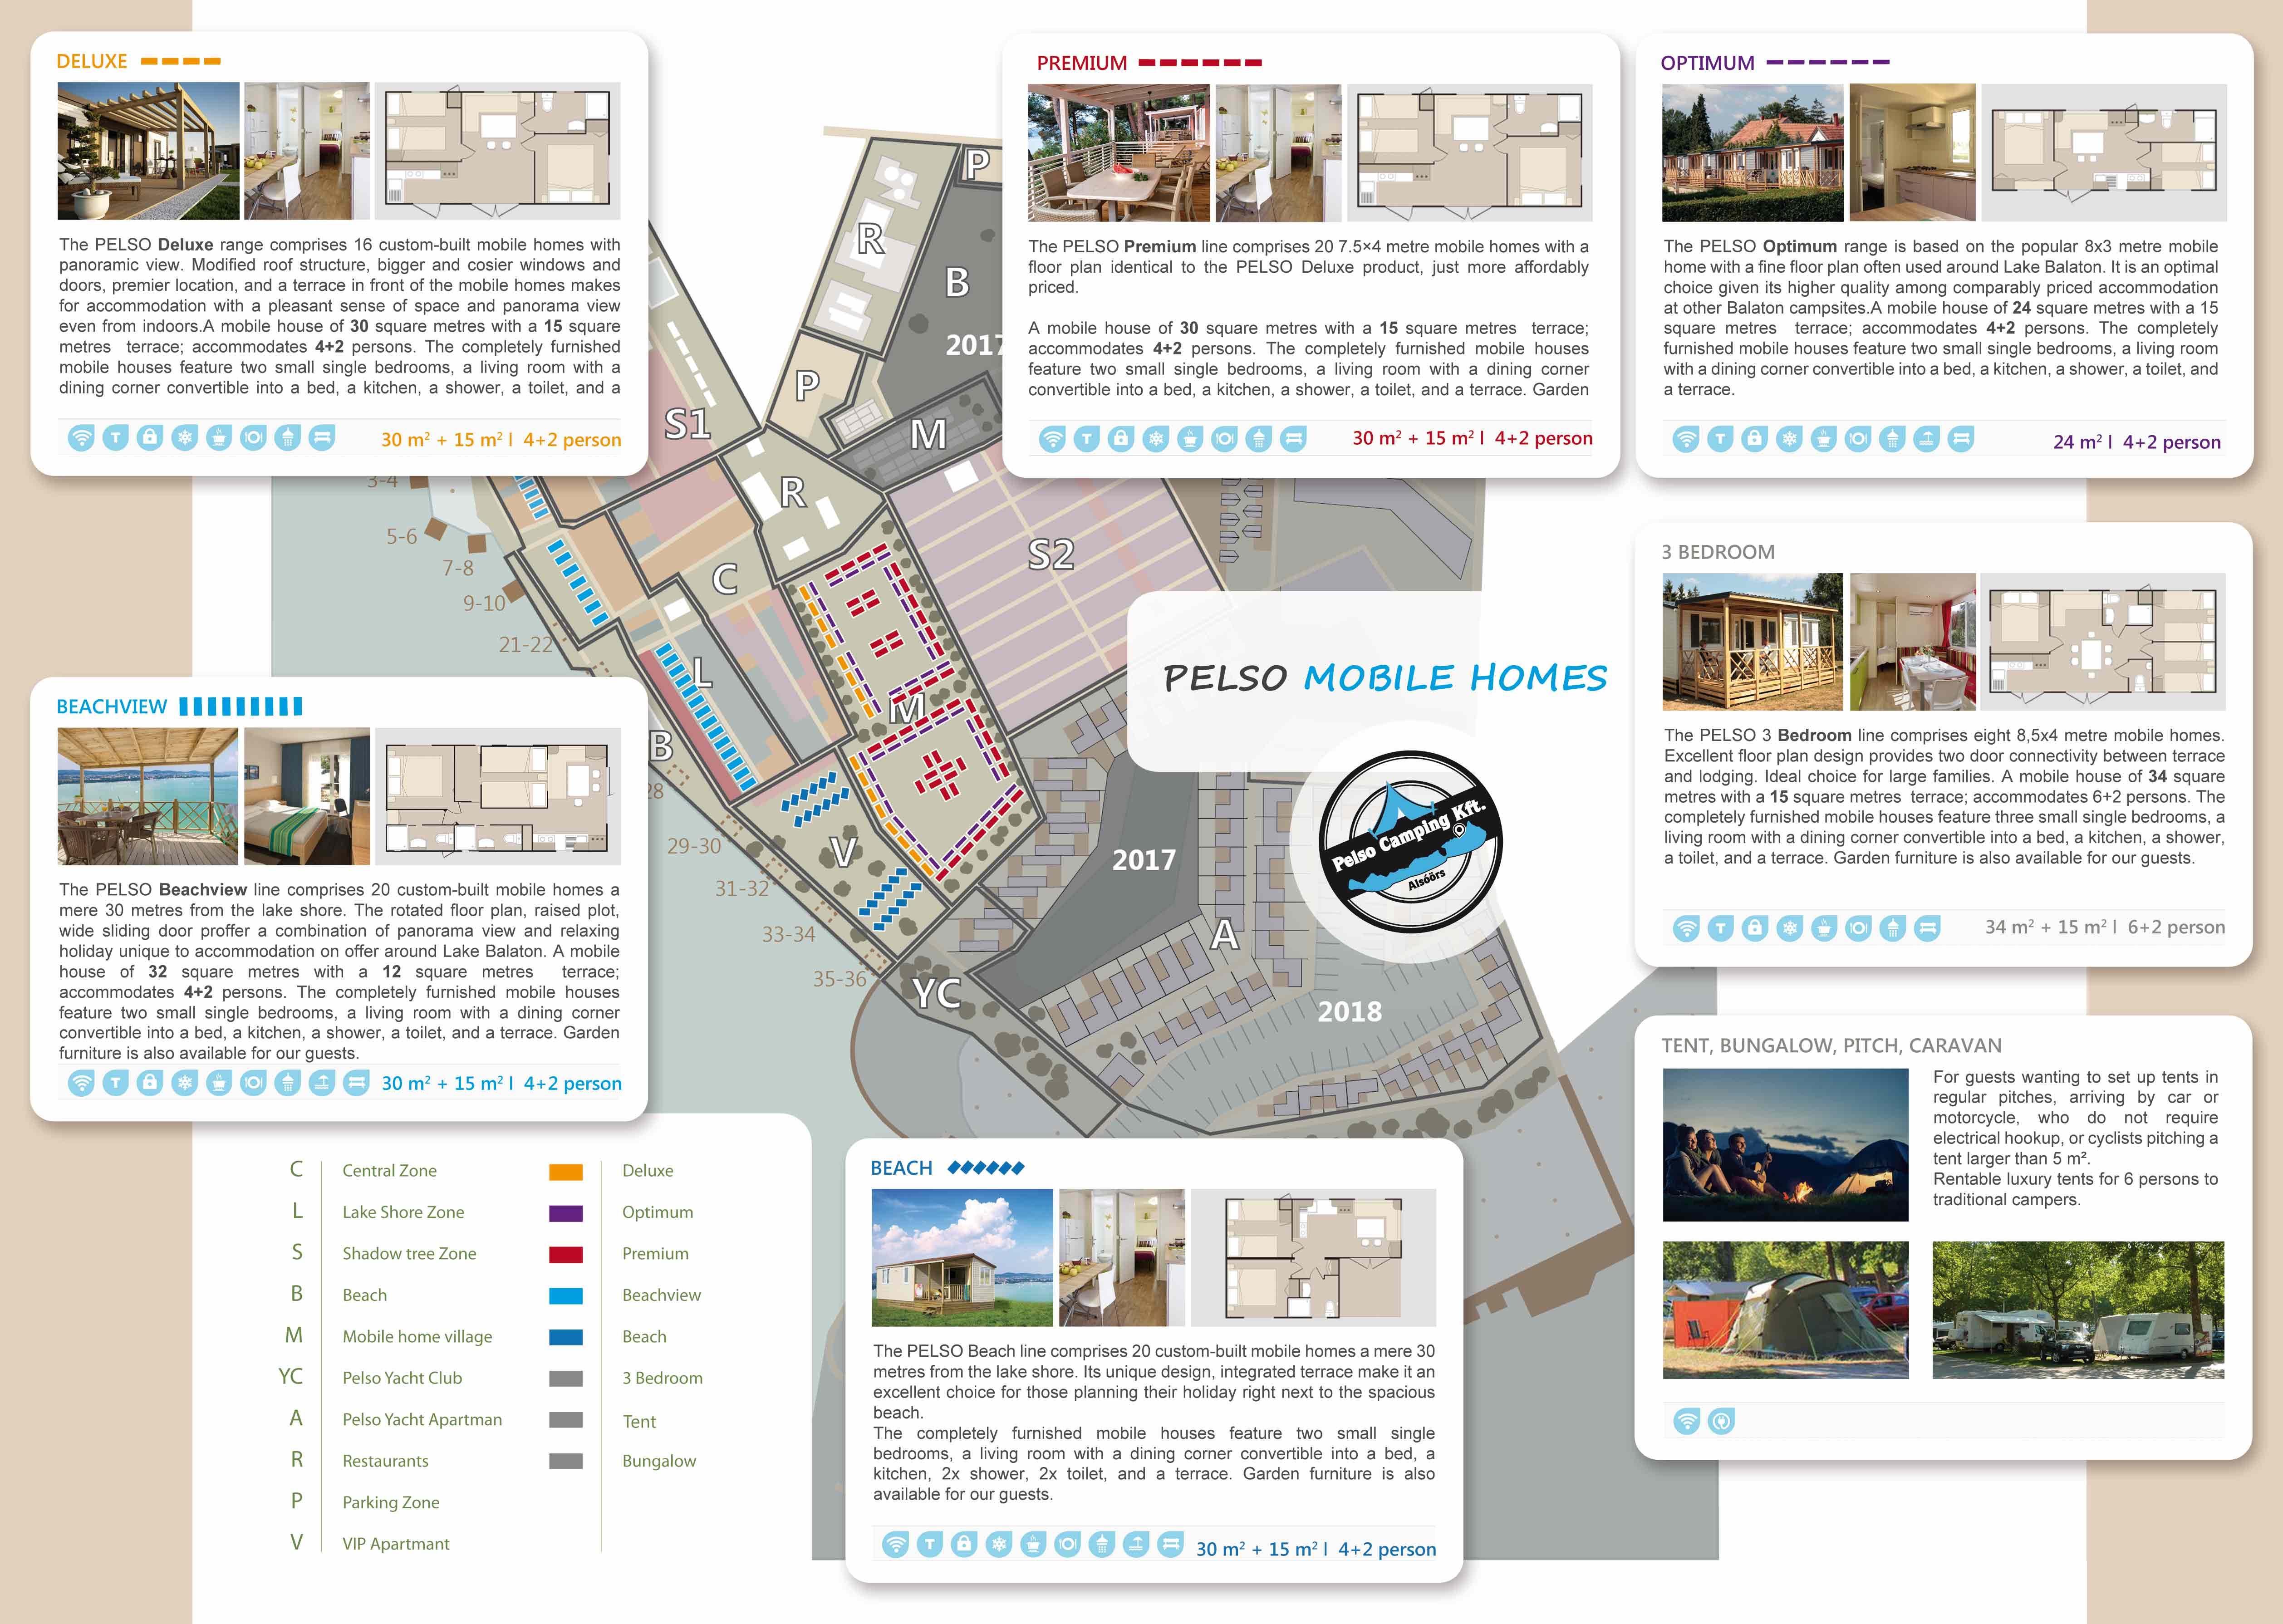 pelso camping térkép Pelso Mobile Home Offer! | Pelso